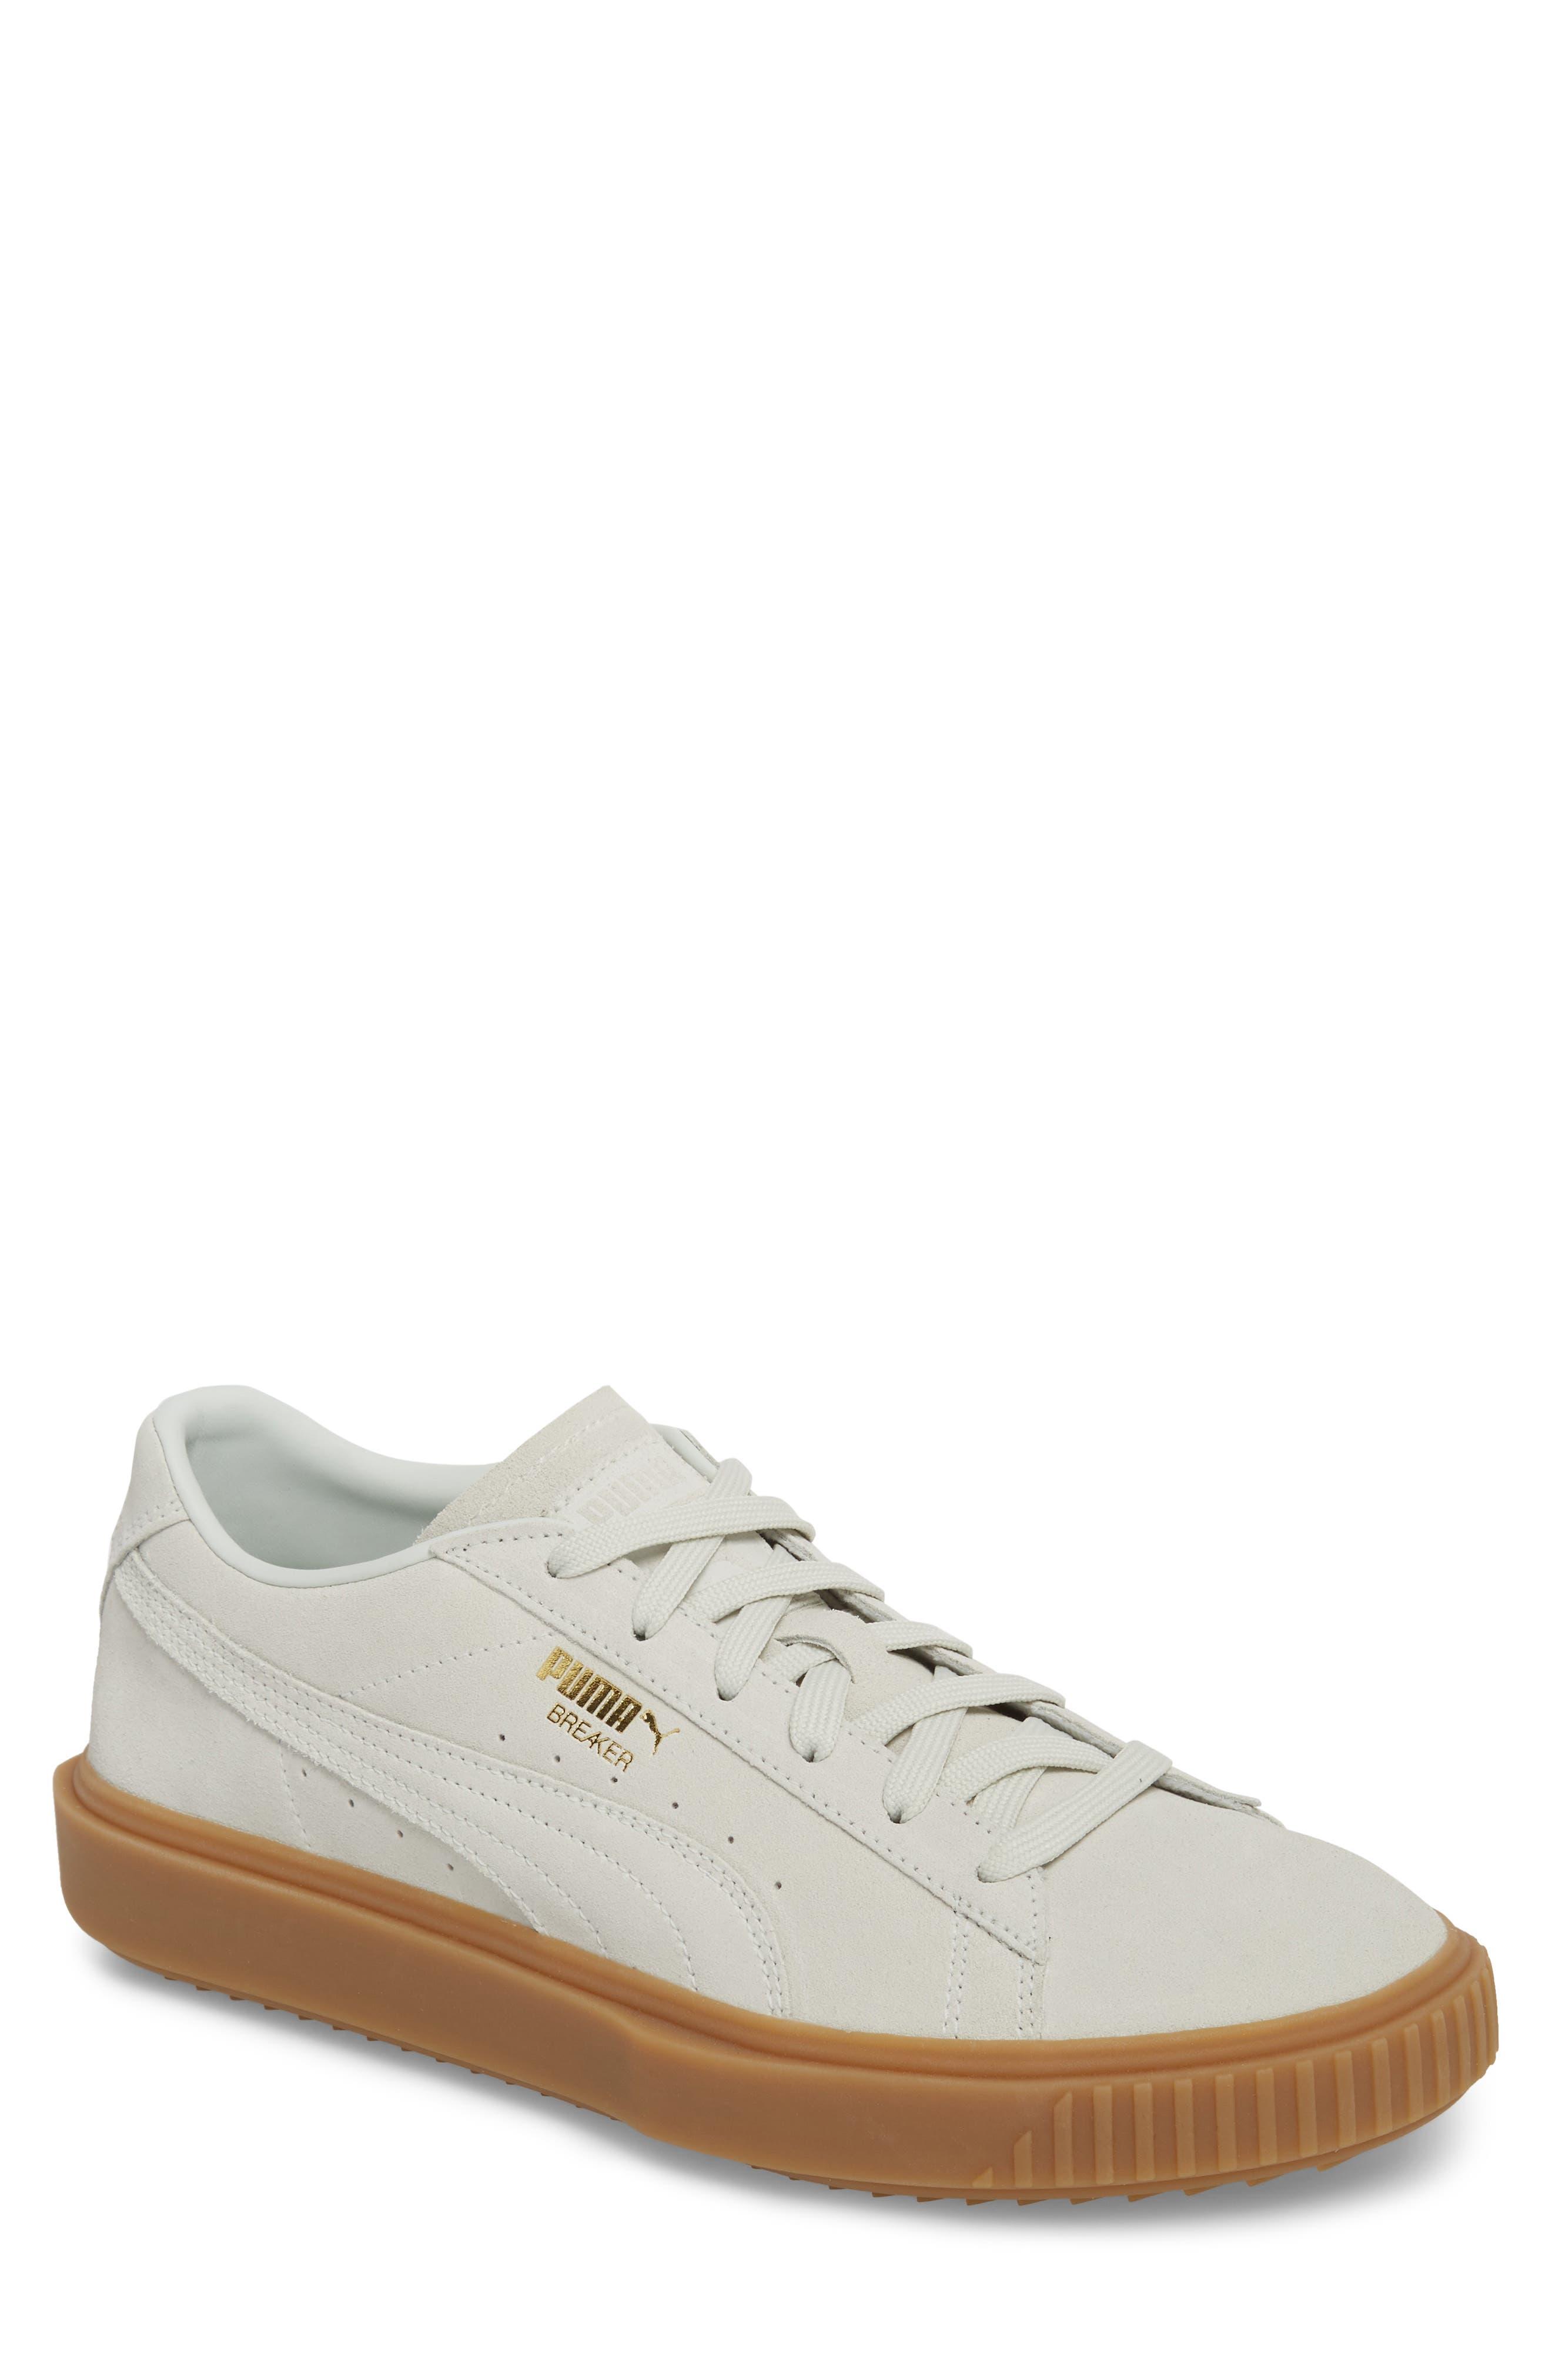 Breaker Suede Gum Low Top Sneaker,                             Main thumbnail 2, color,